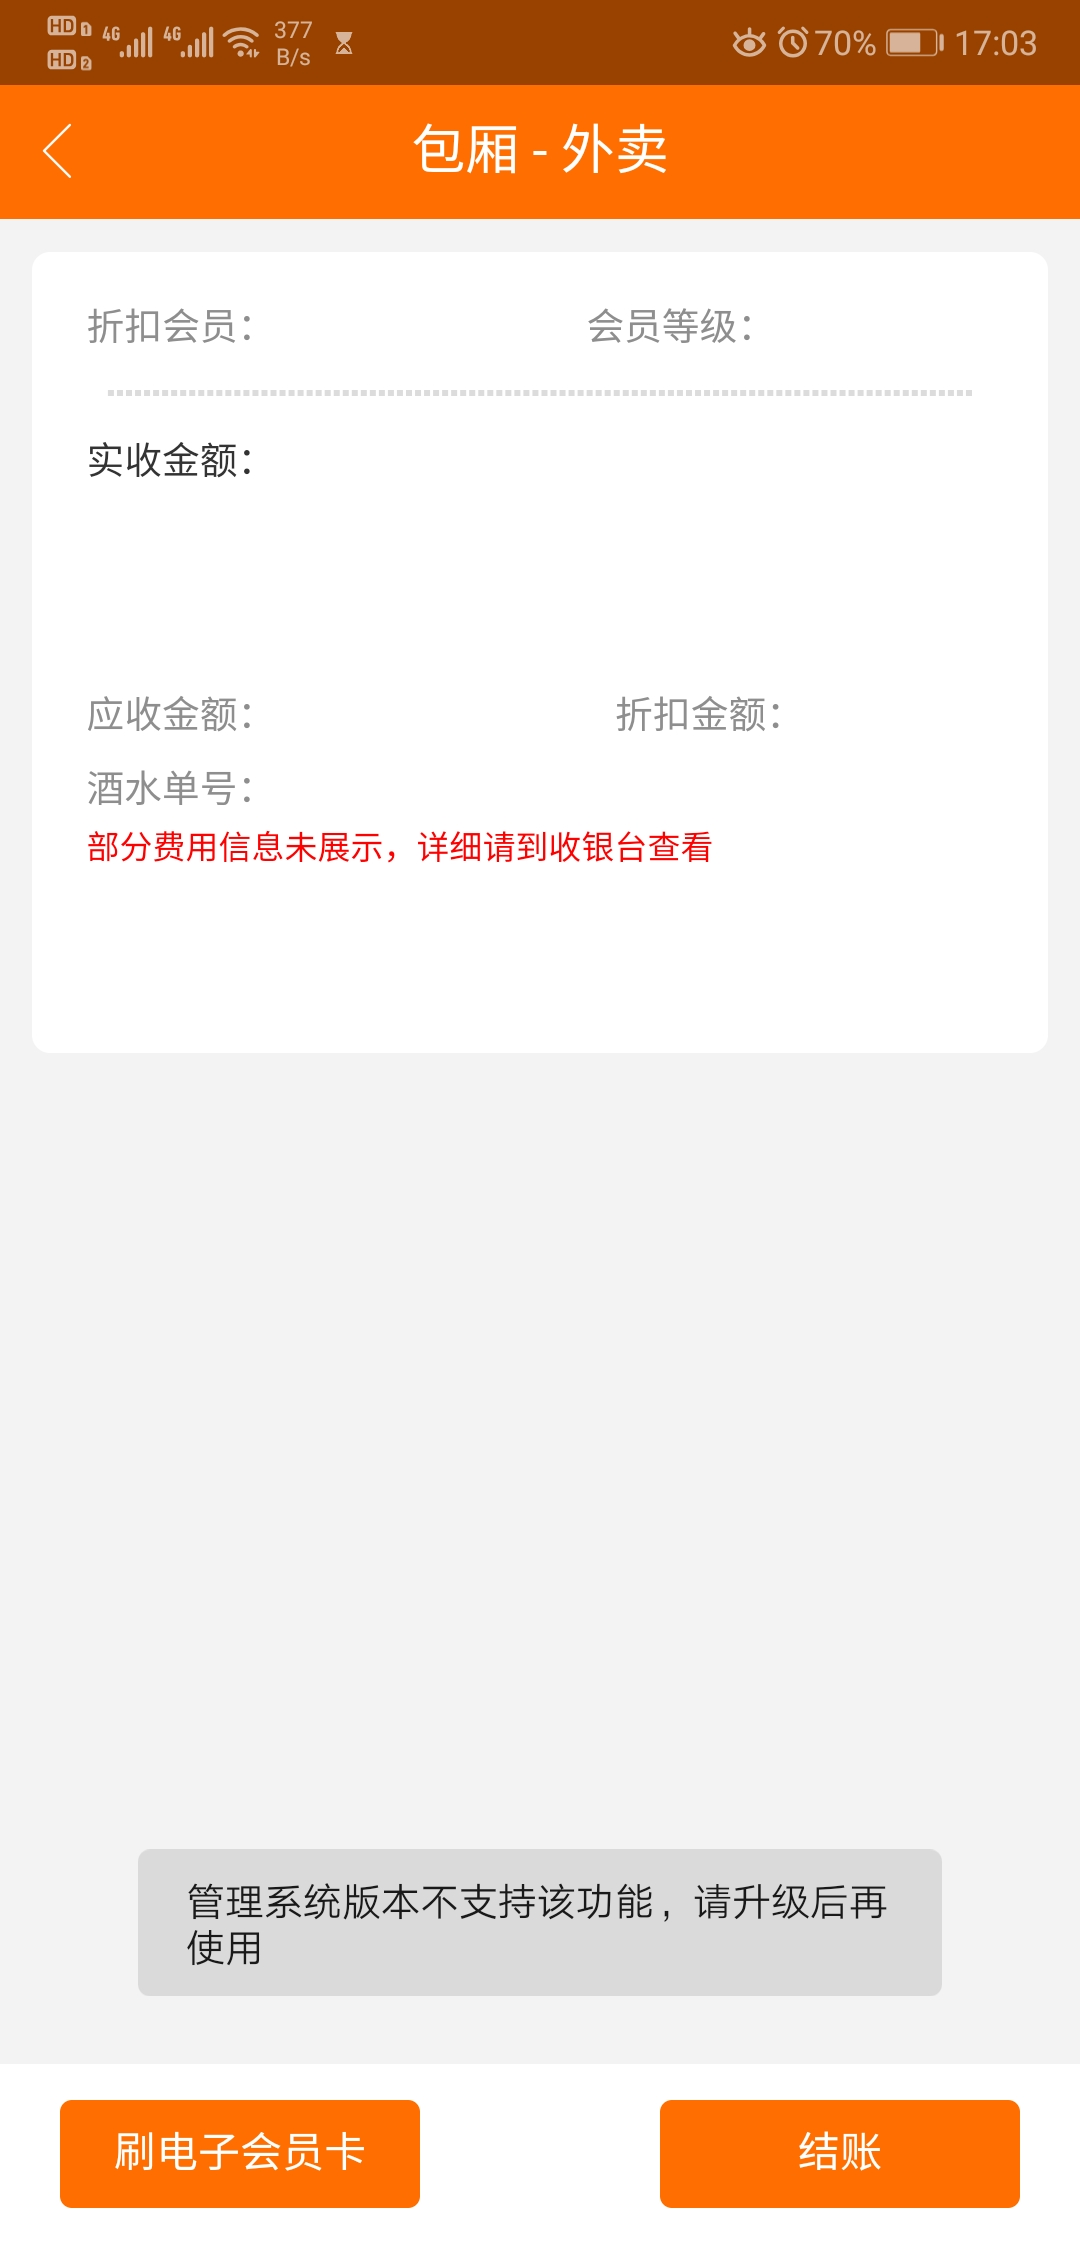 Screenshot_20191227_170305_com.w82794930_.opn_.jpg